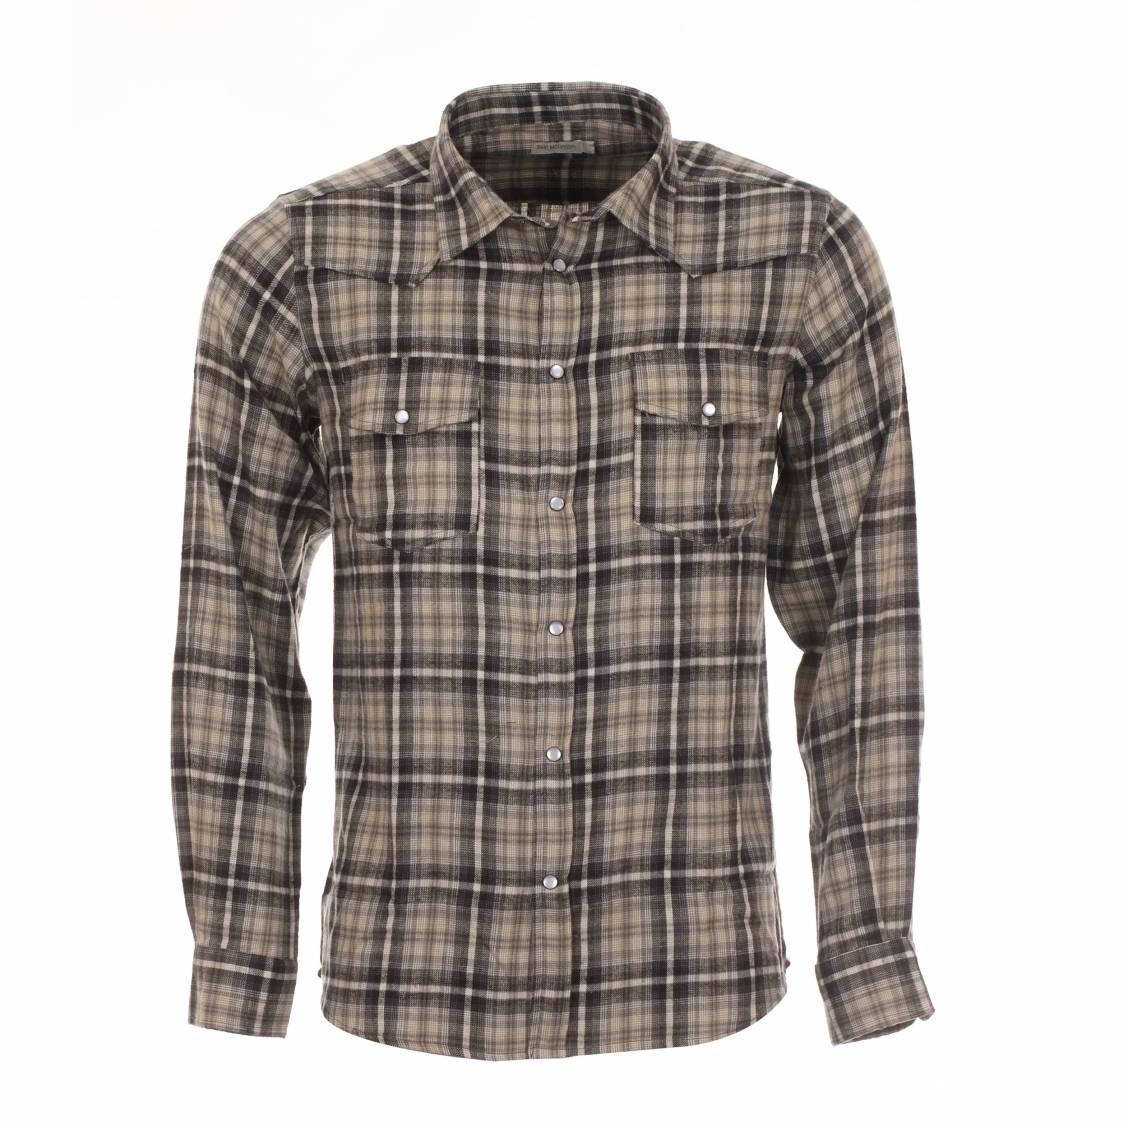 Chemise chaude  à carreaux gris, beiges et noirs